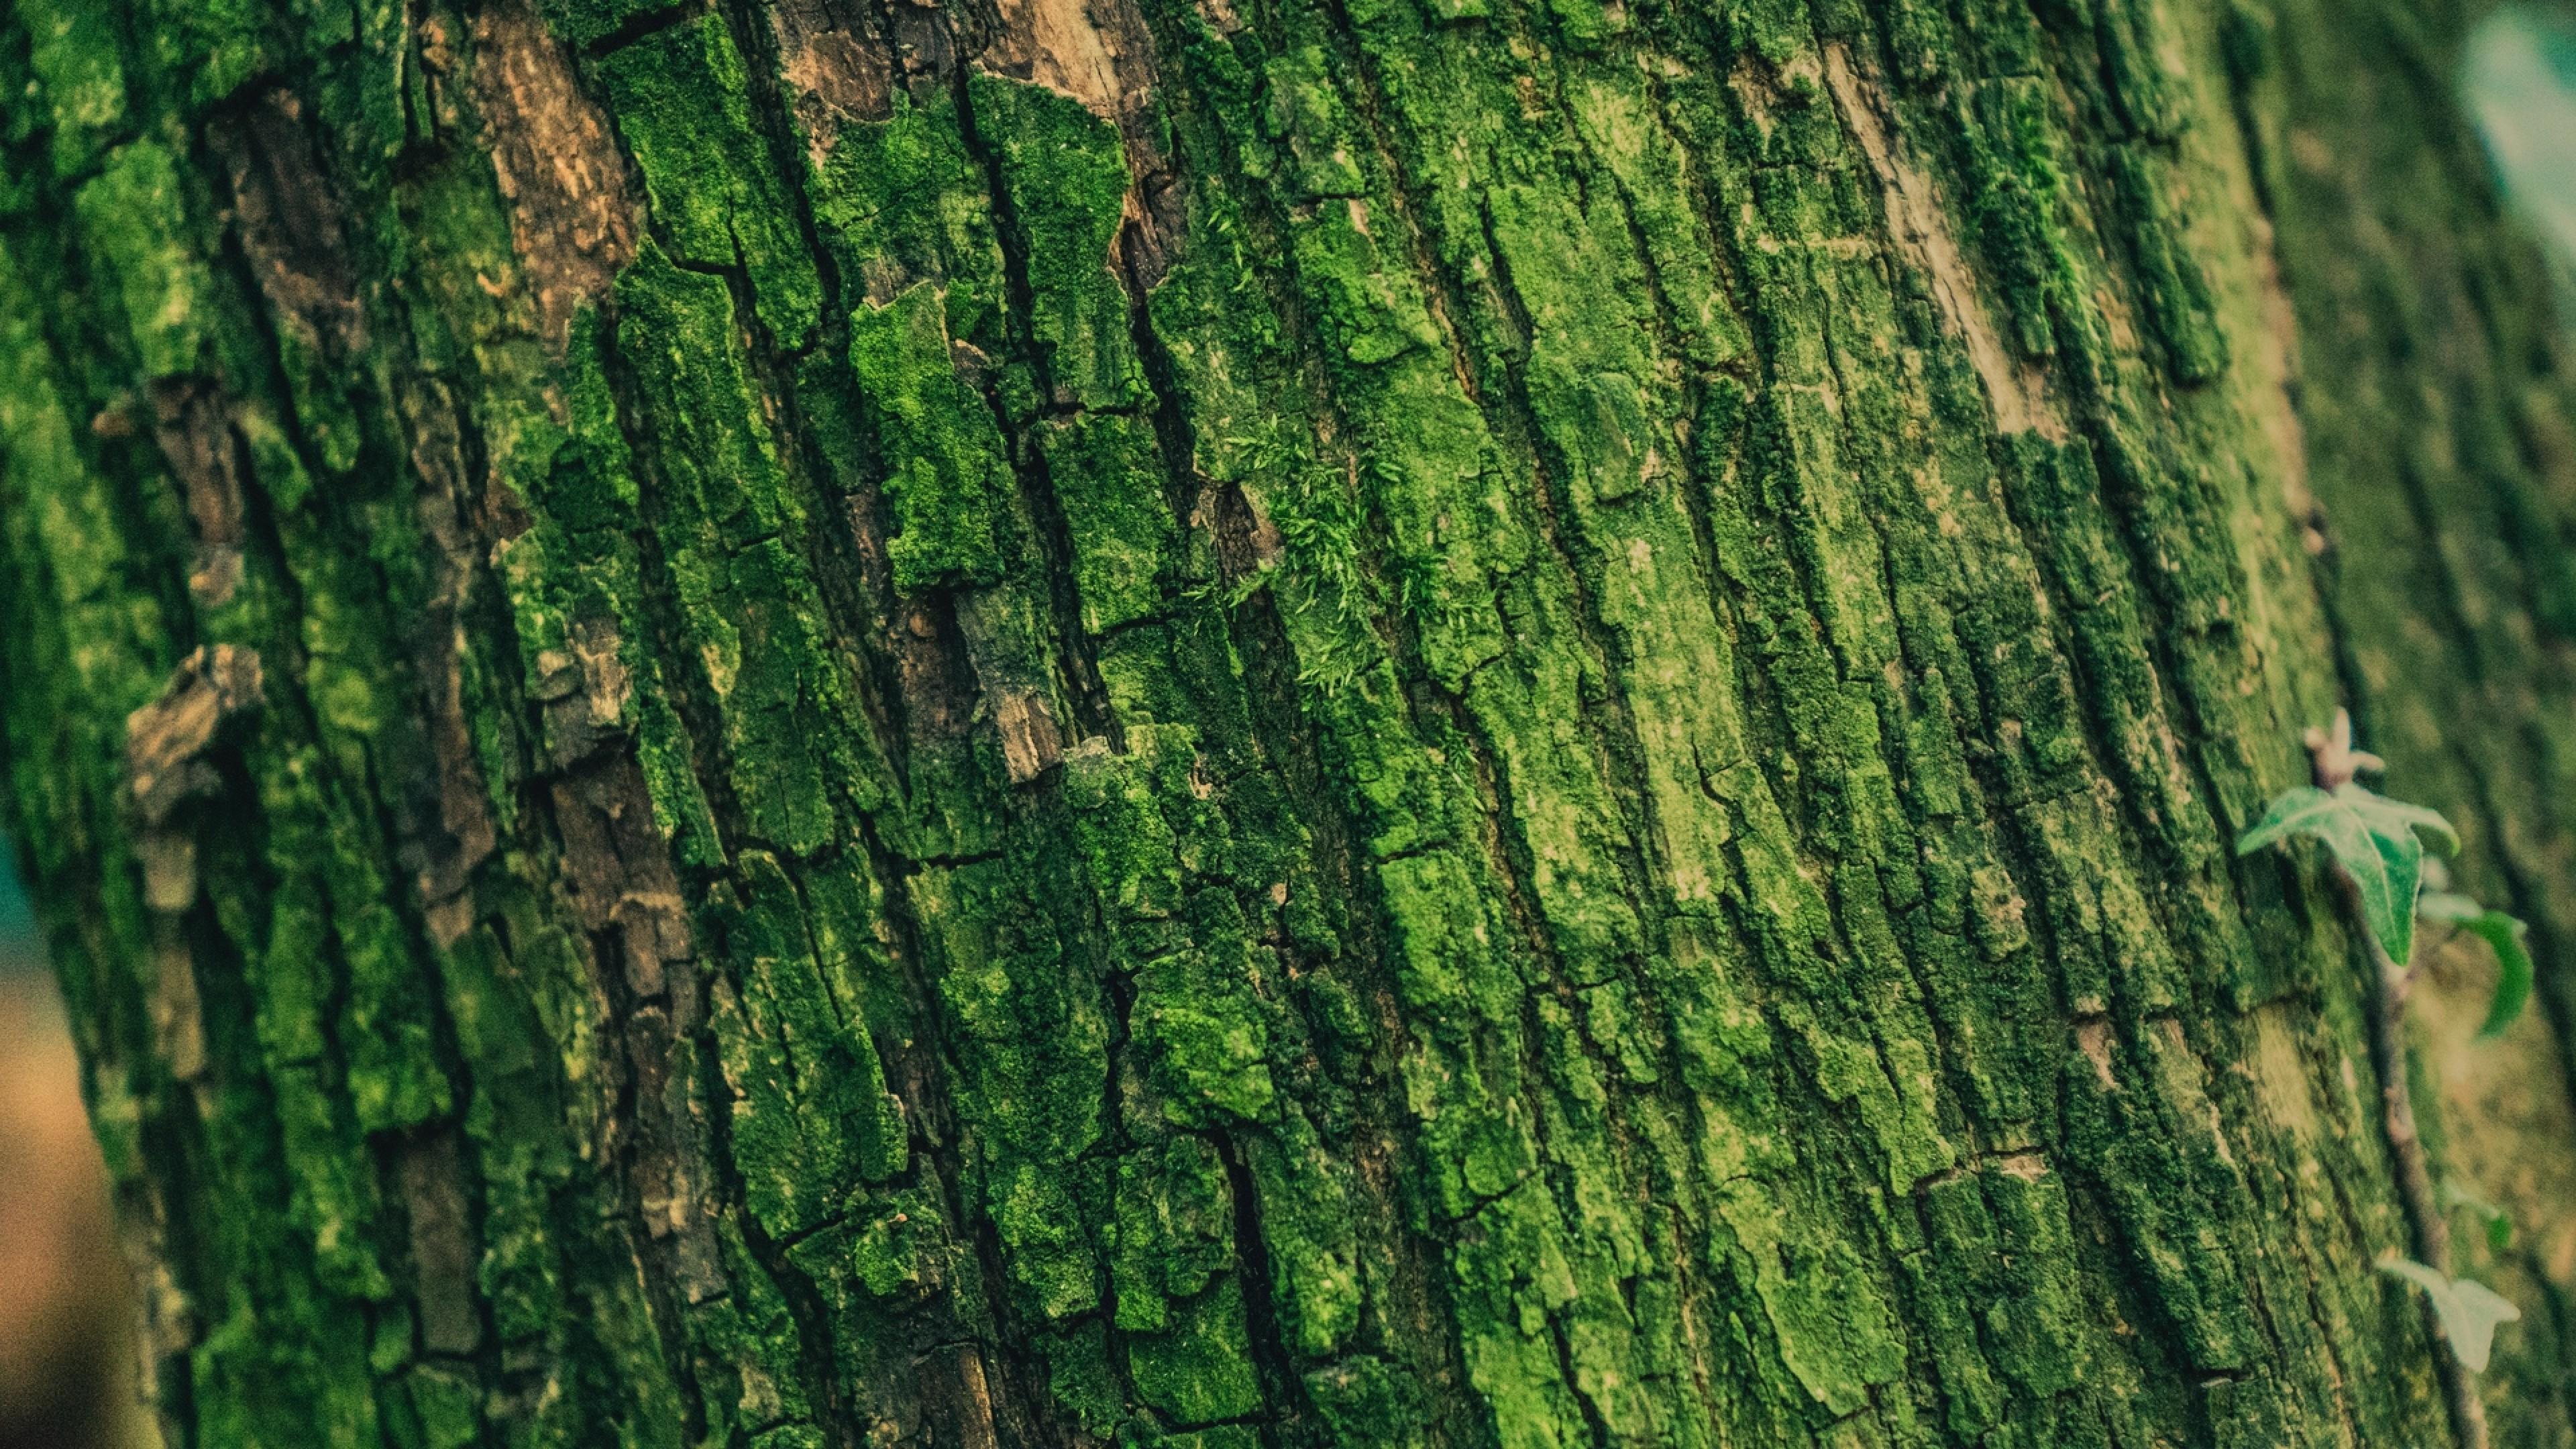 Tree With Green Bark Hd Wallpaper 4k Ultra Hd Hd Wallpaper Wallpapers Net